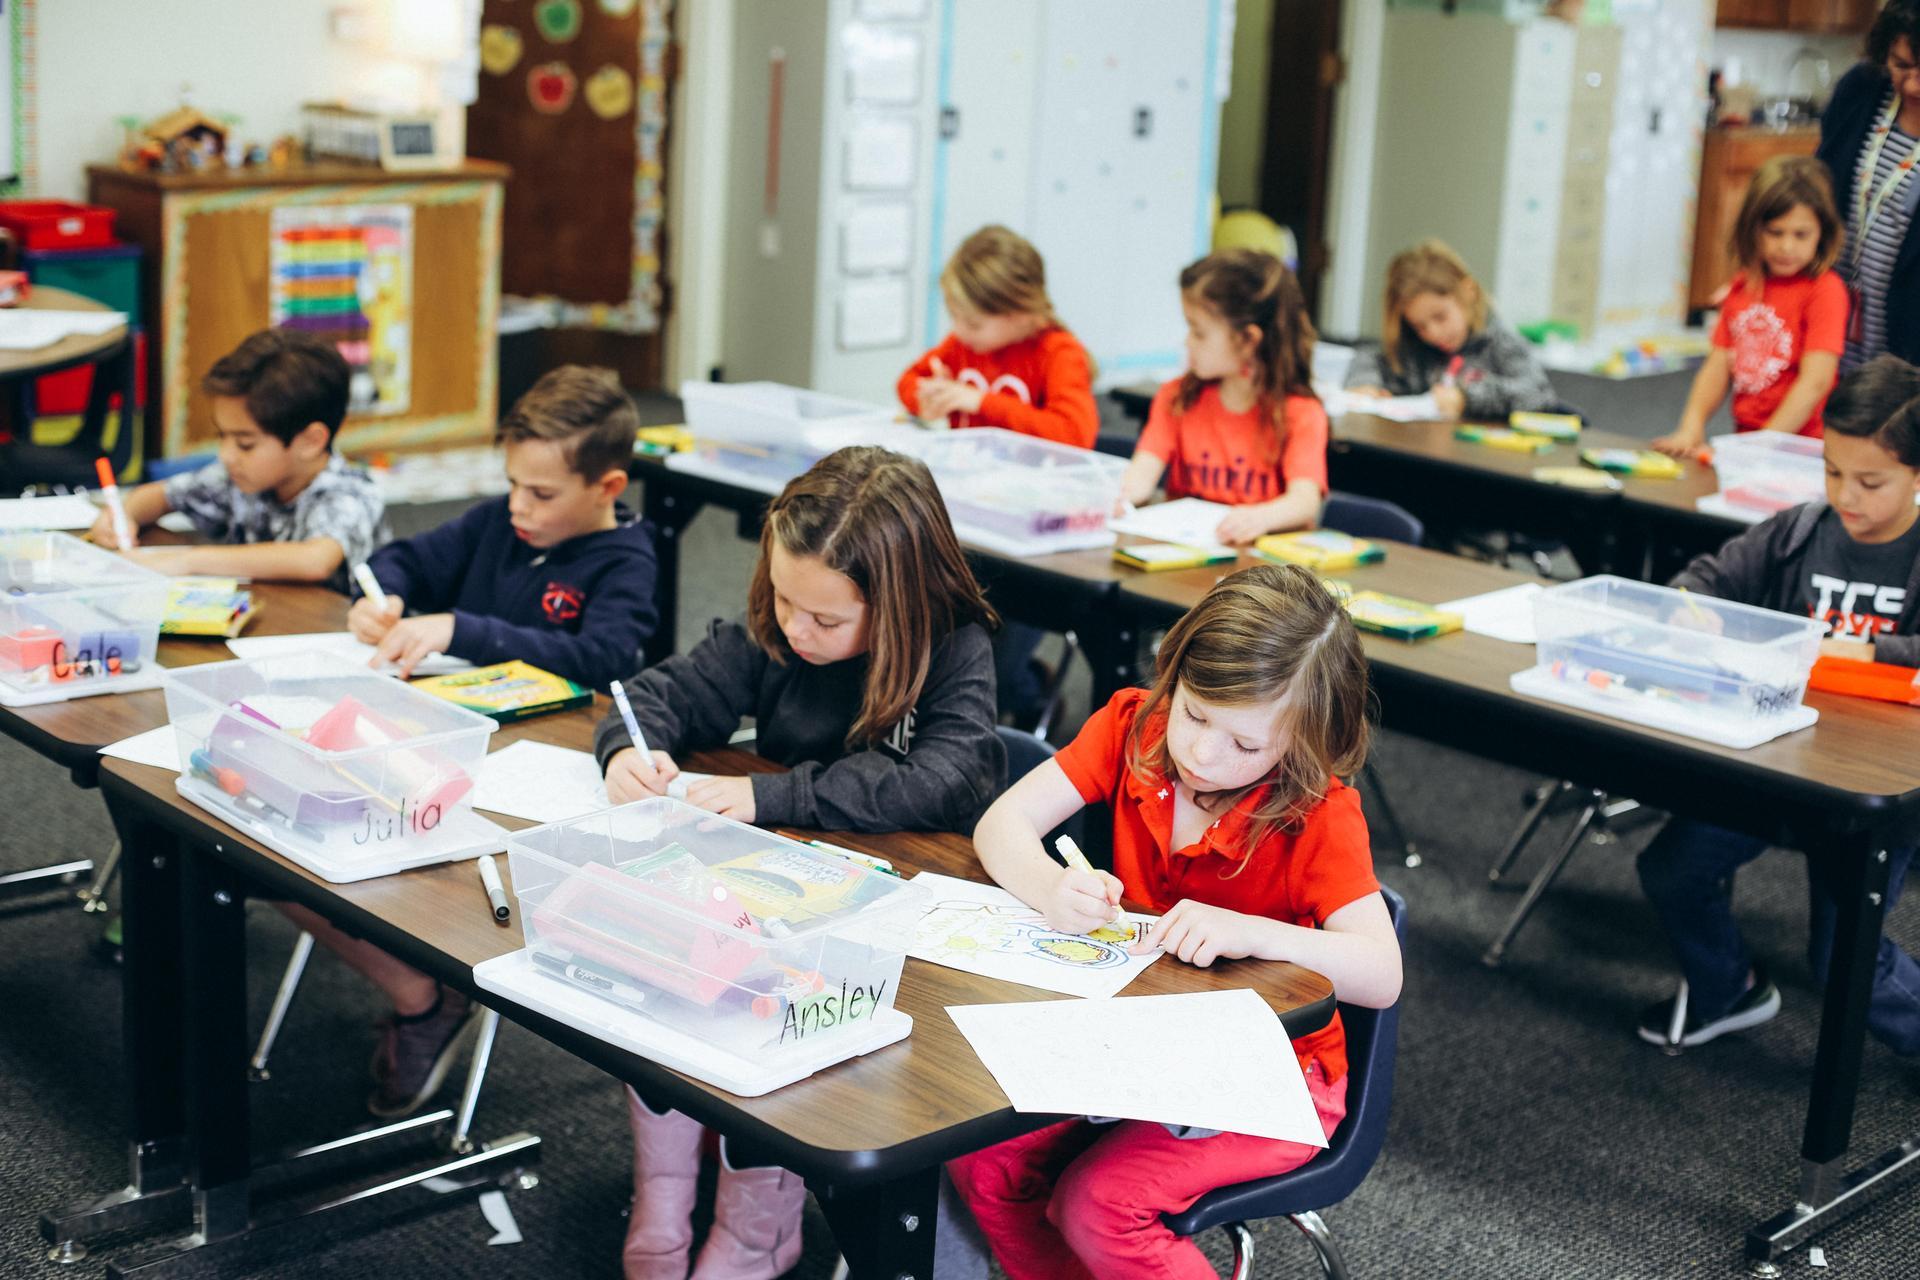 kids working in classsroom